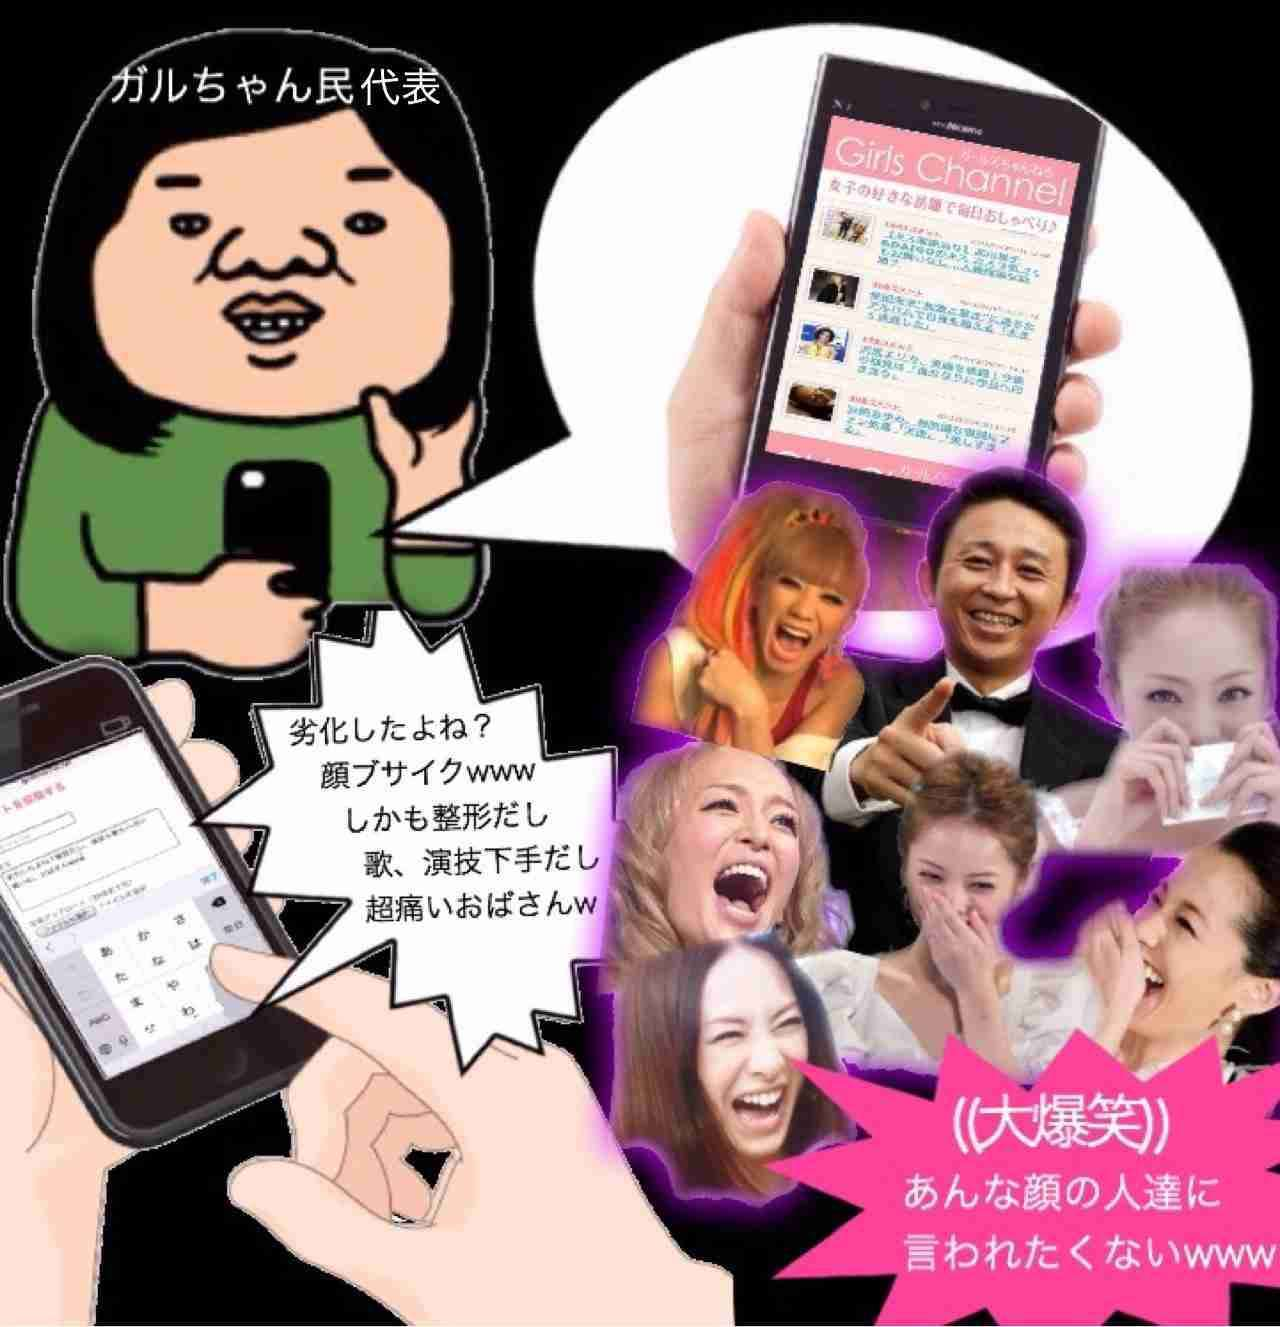 川口春奈、ほっそーい!女子もほれる透明感あふれるショットに反響!